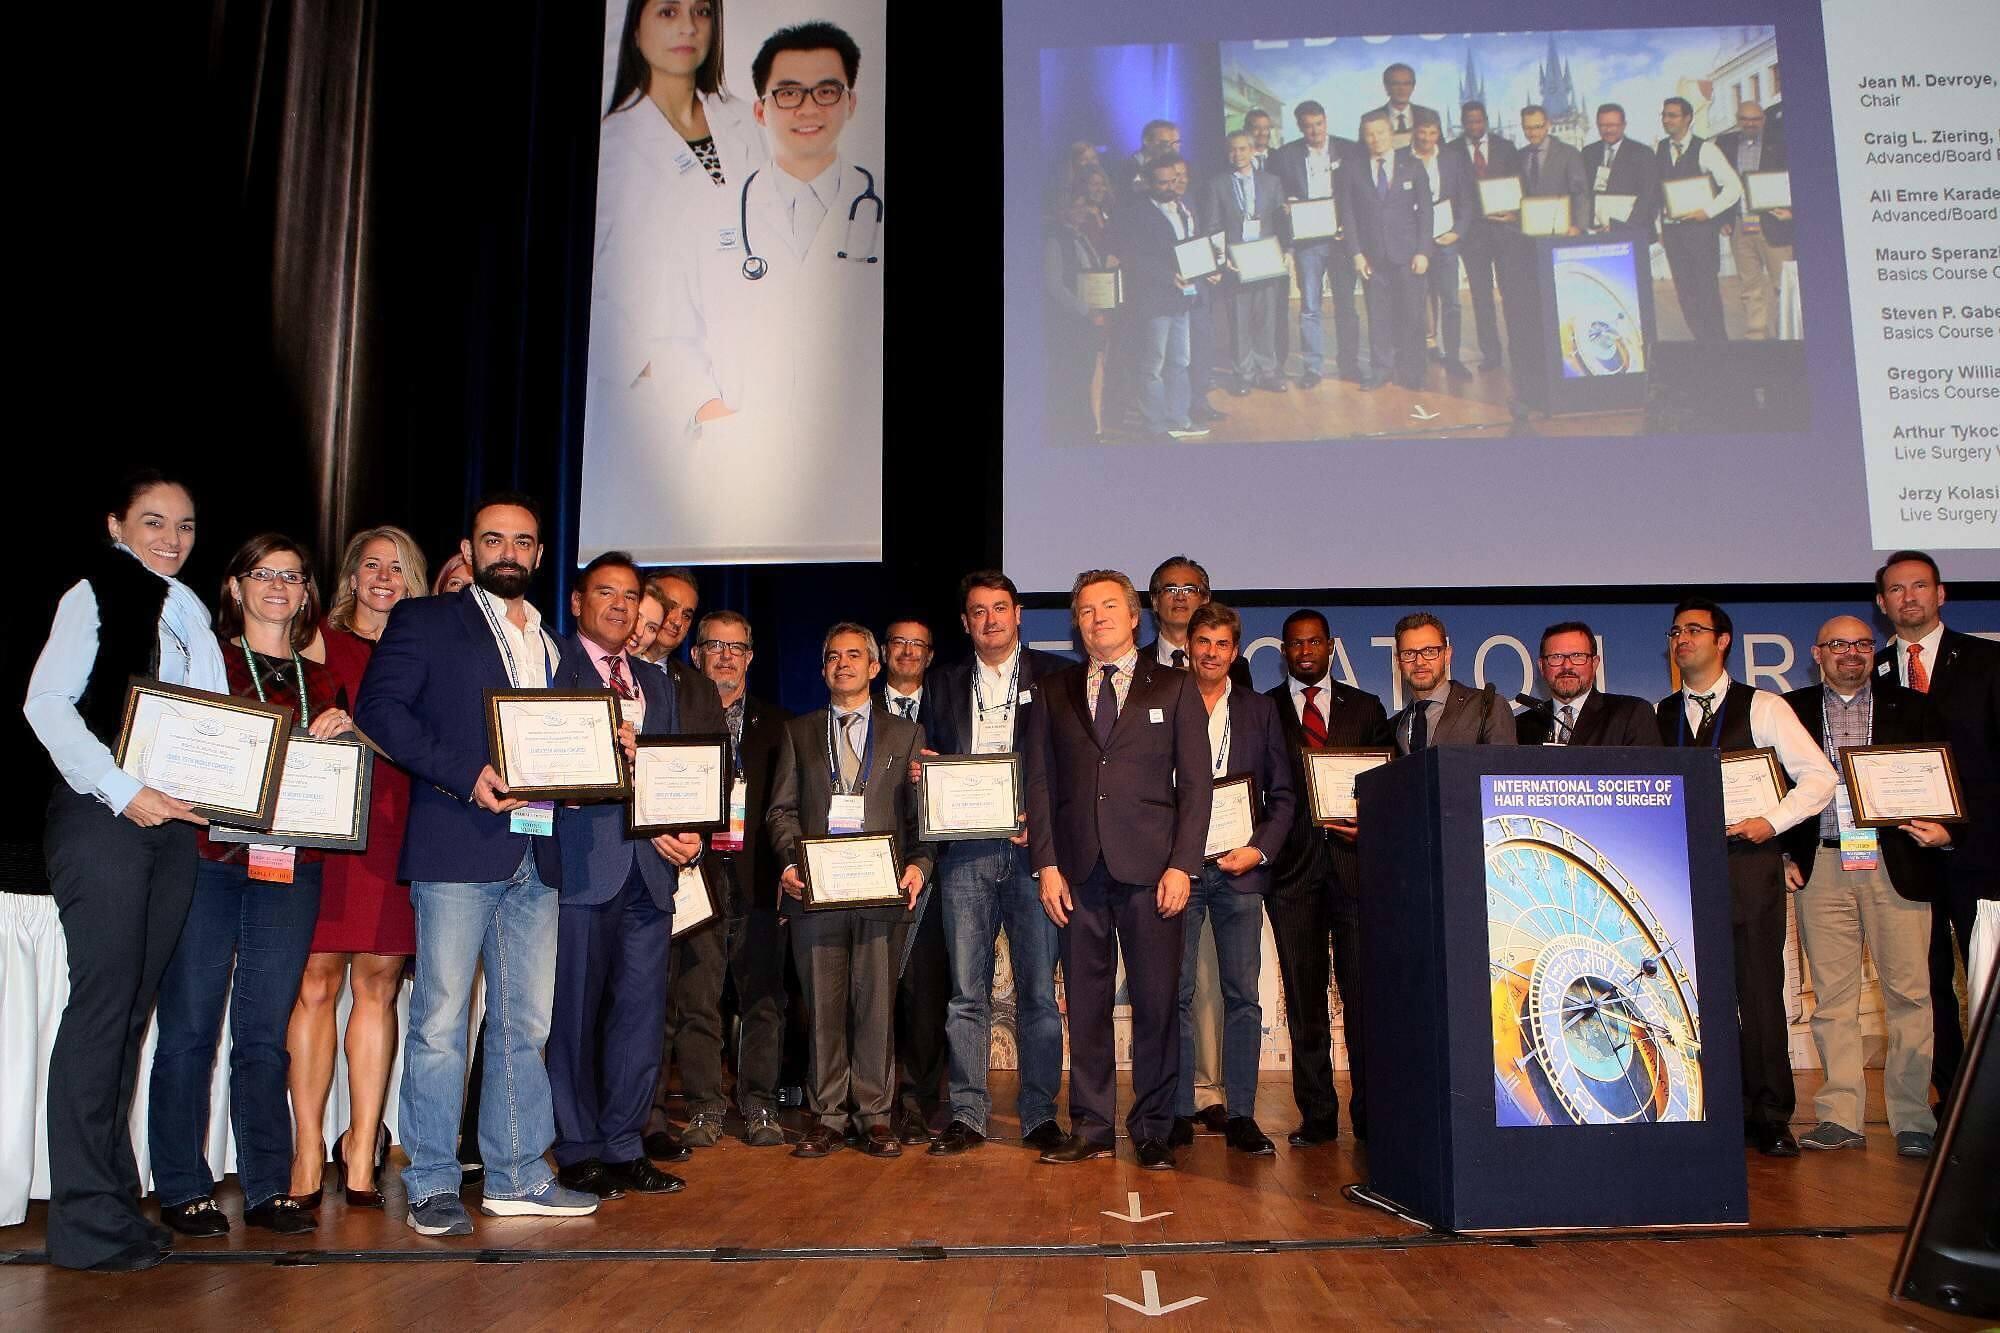 Δρ. Αναστασάκης παρουσία στο συνέδριο ABHRS